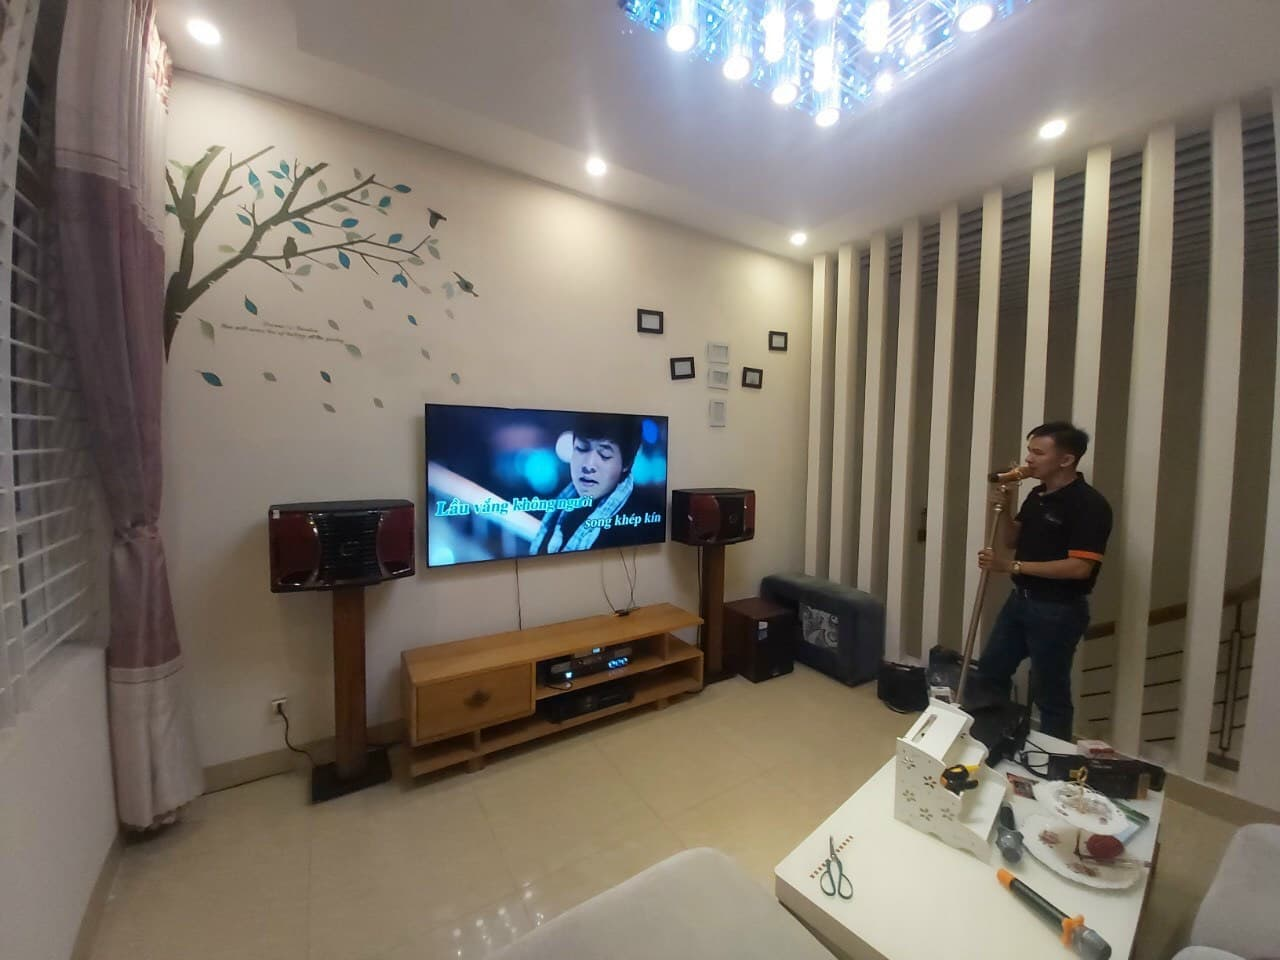 Lắp đặt bộ dàn karaoke gia đình TT-503GD tại TP Vũng Tàu 11